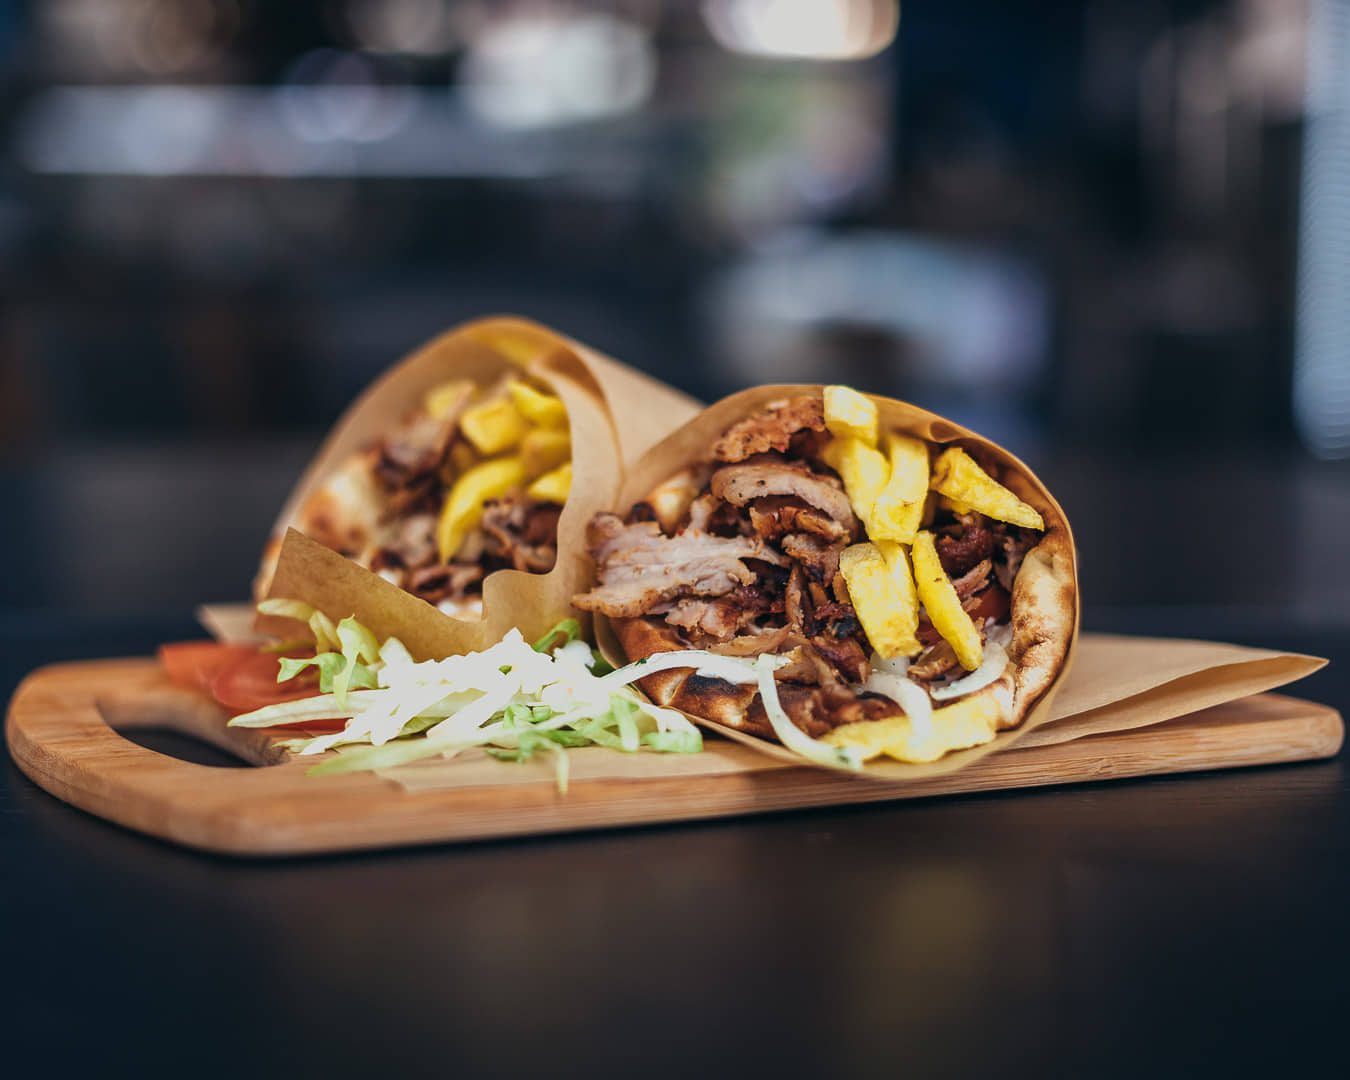 Ψαχνά: Άνοιξε το Grill House «Στο Ψαχνό» giros